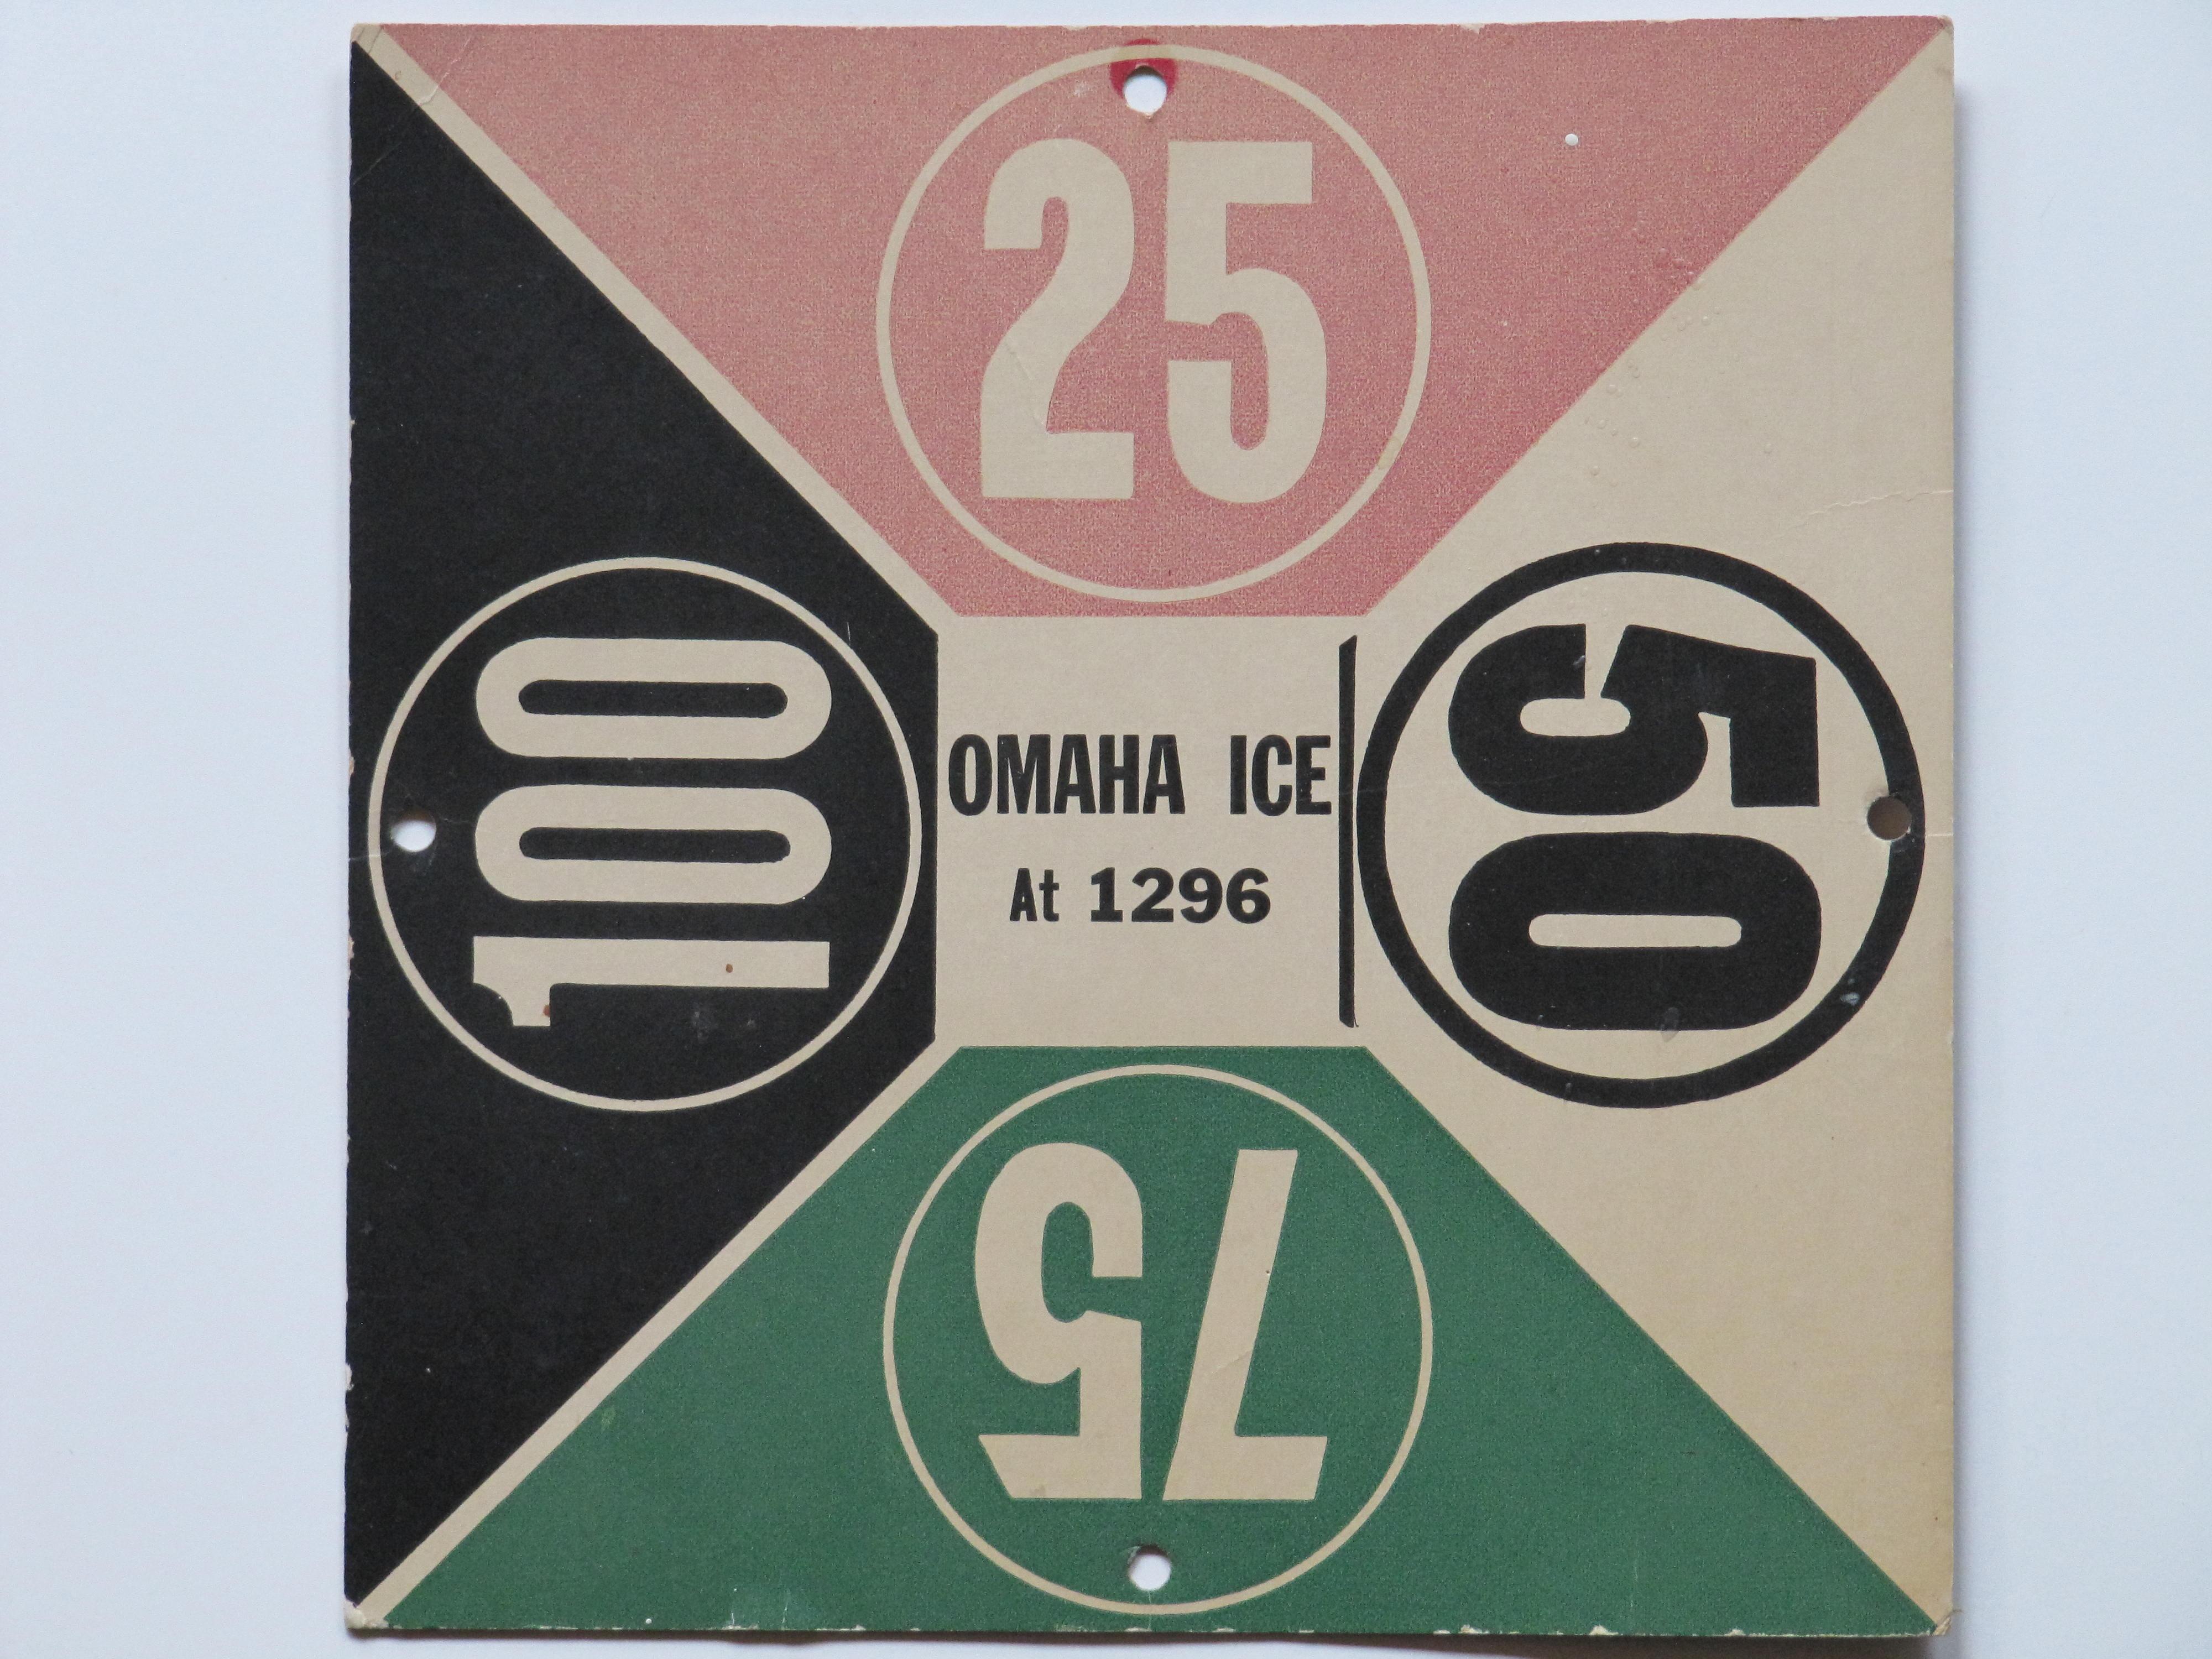 Omaha Ice